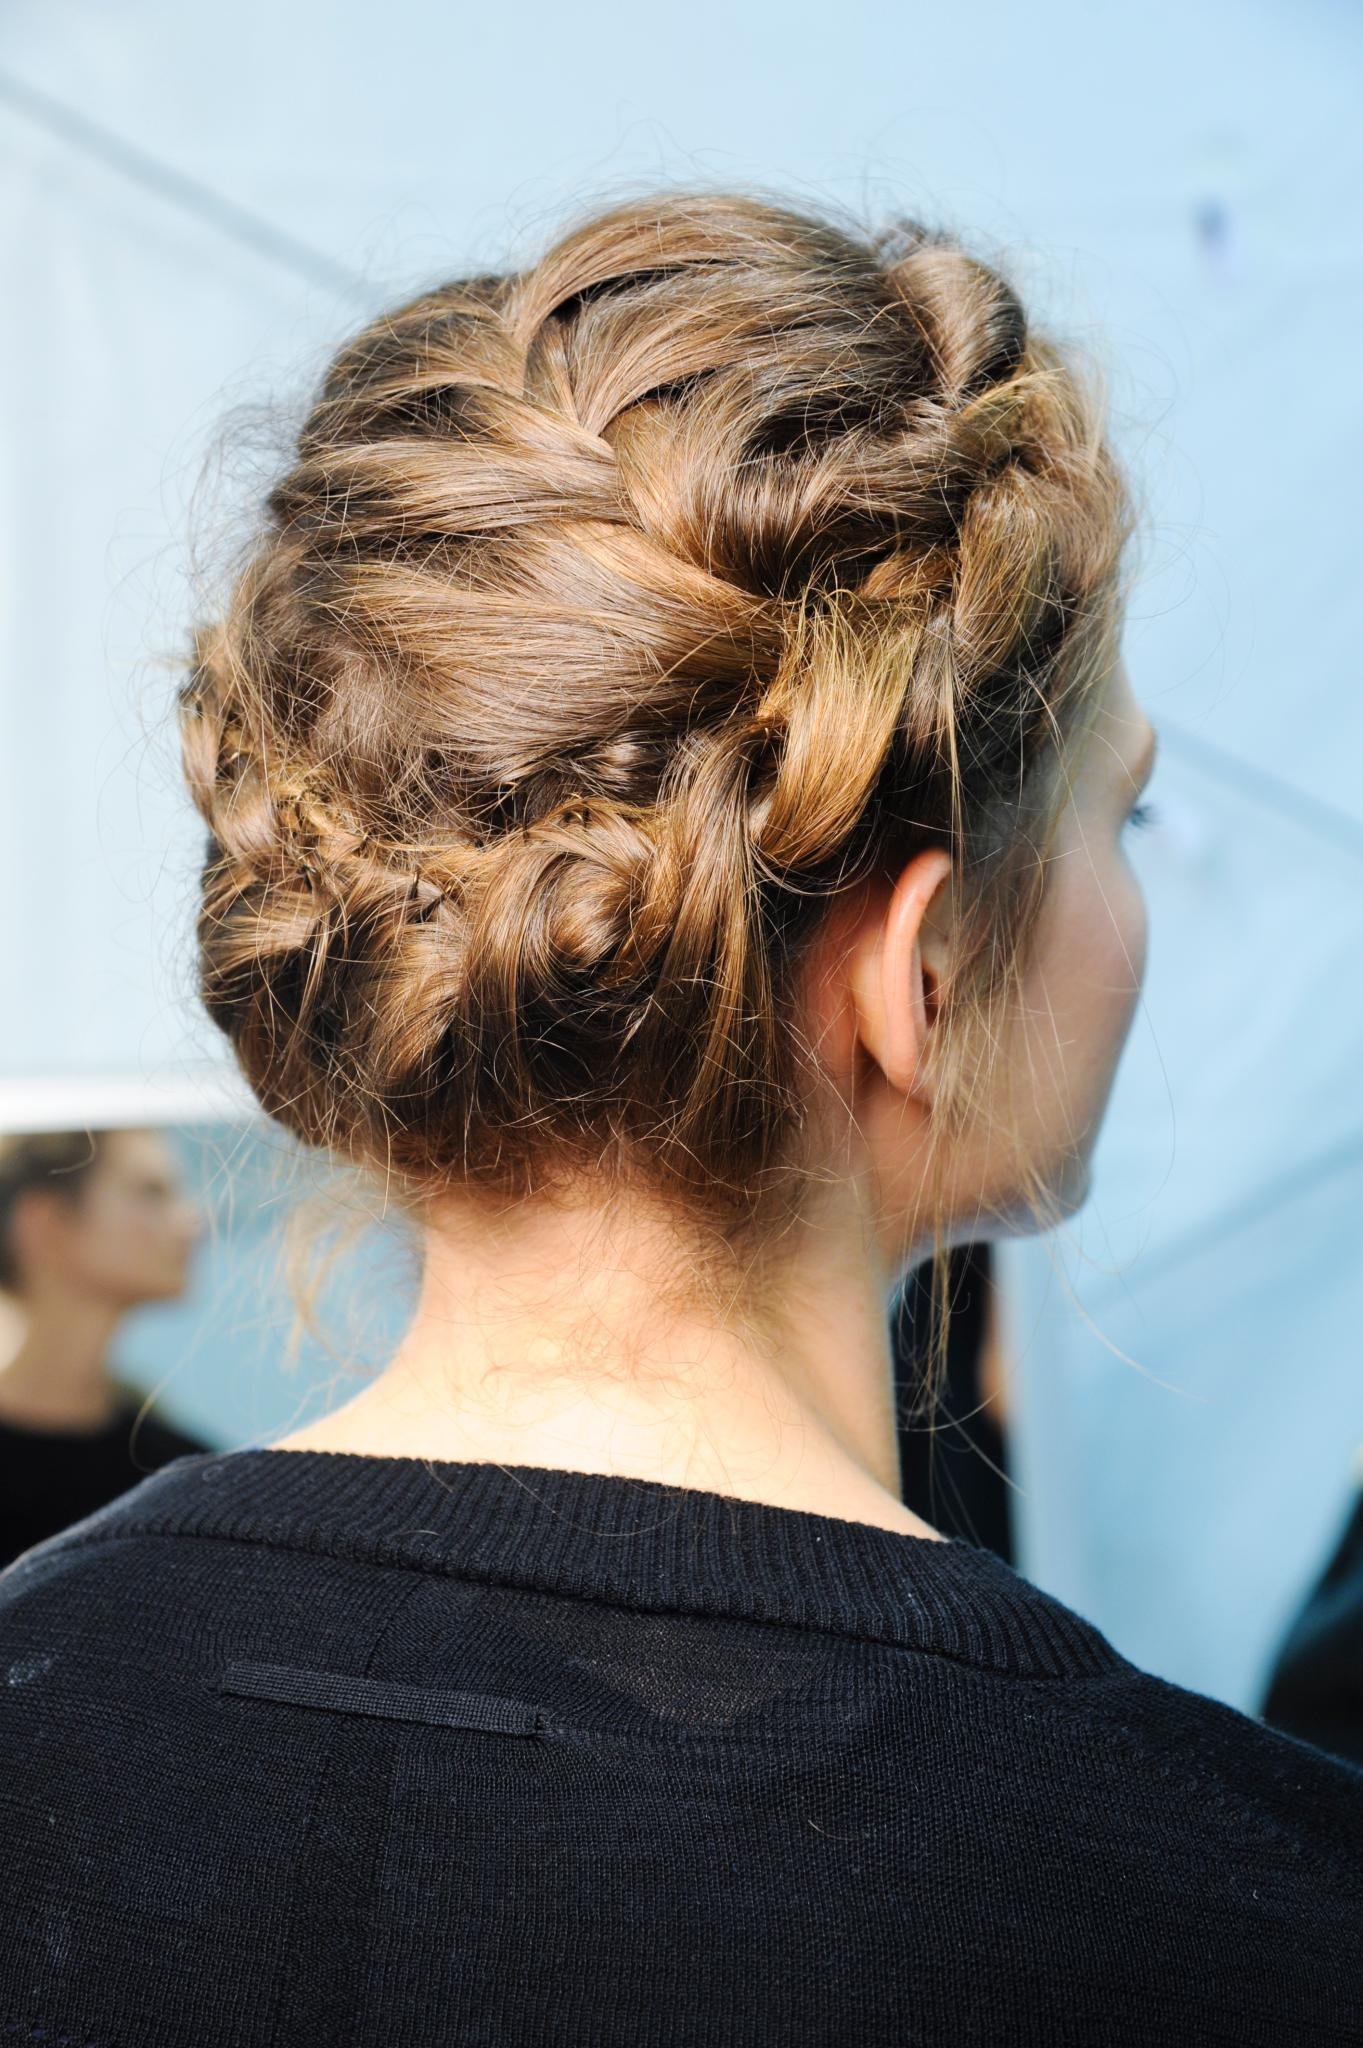 Plan de côté d'une femme avec des cheveux bruns moyens coiffés en couronne, portant un haut noir et posant dans les coulisses.